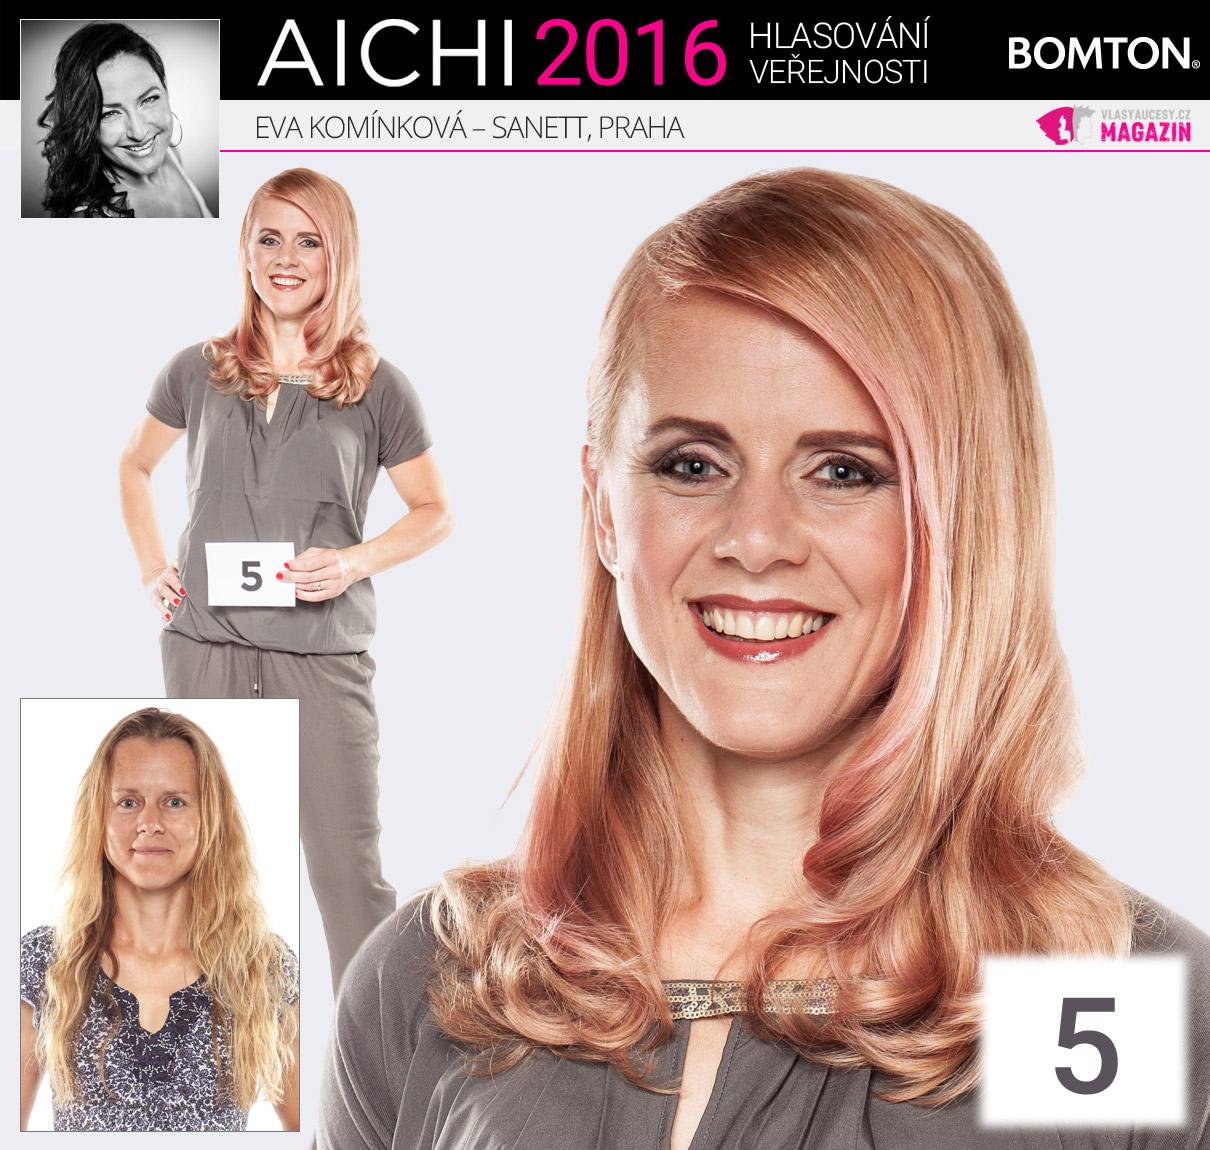 Finále AICHI 2016: Eva Komínková - Sanett, Praha